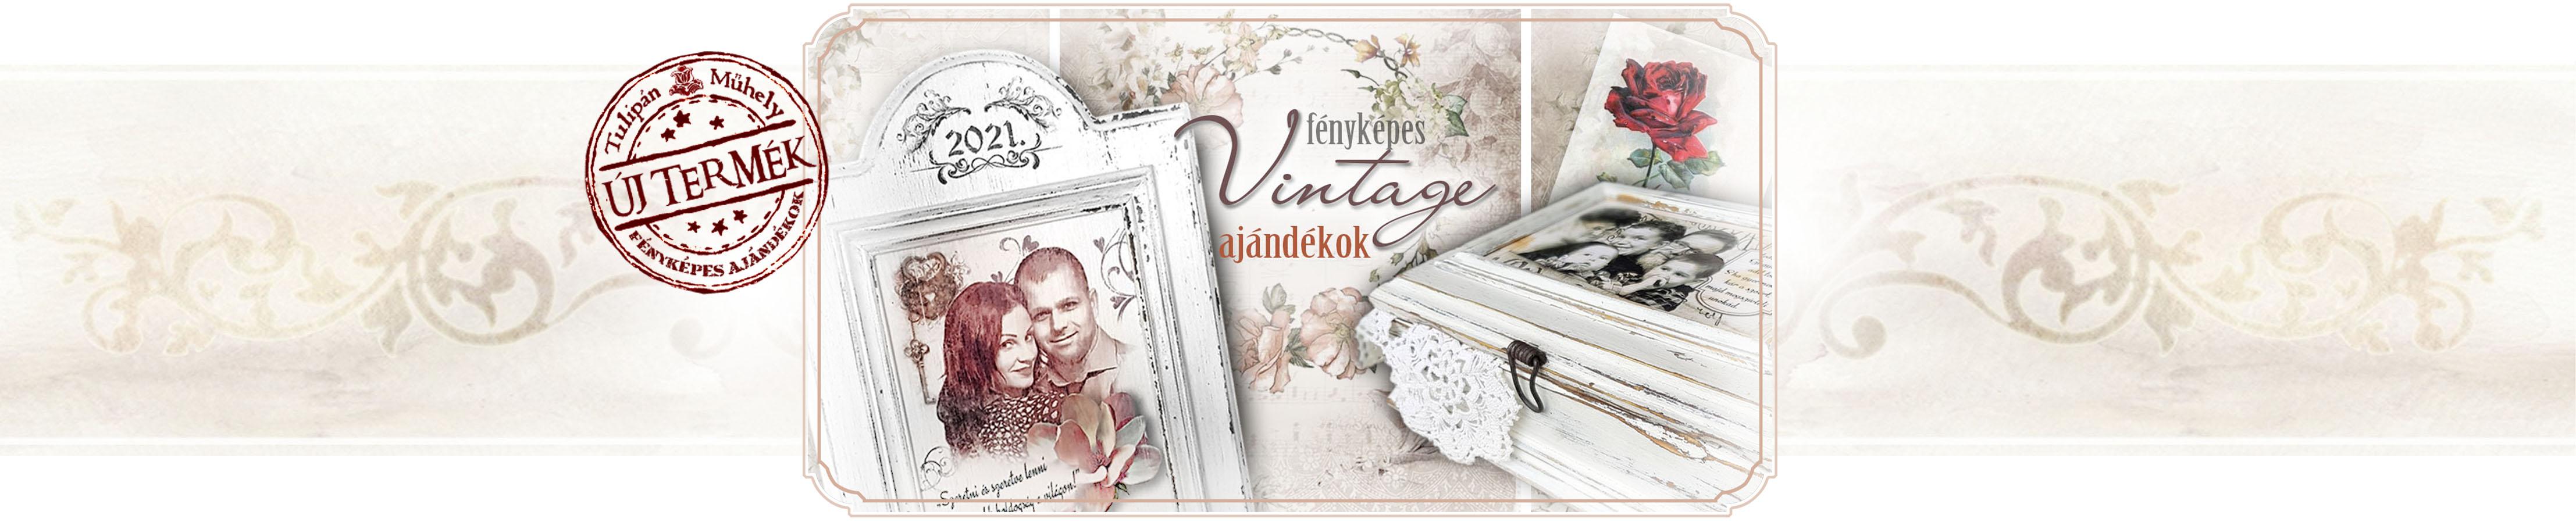 vintage-fenykepes-egyedi-ajandekok